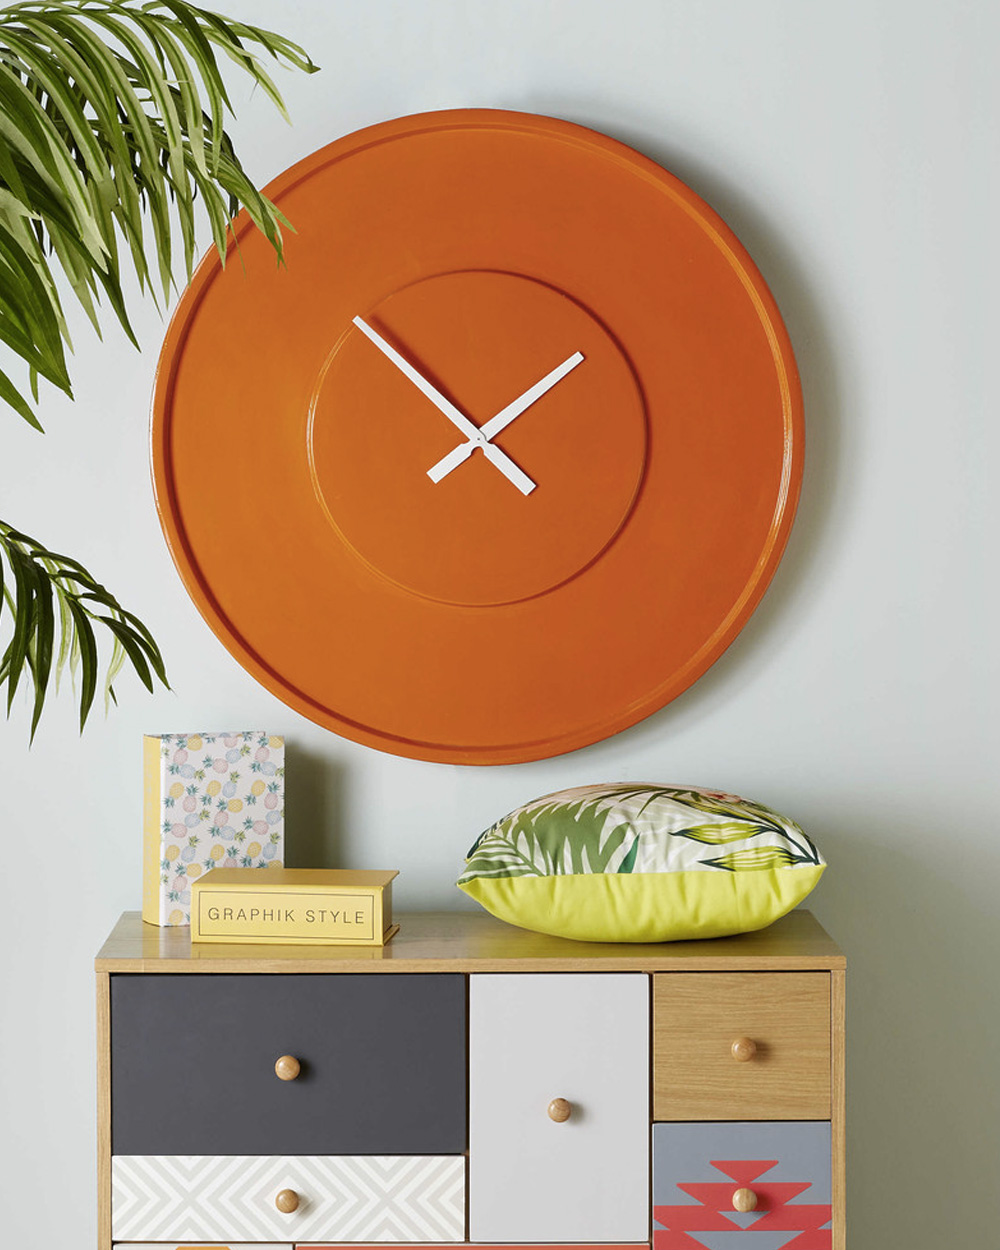 deco orange horloge